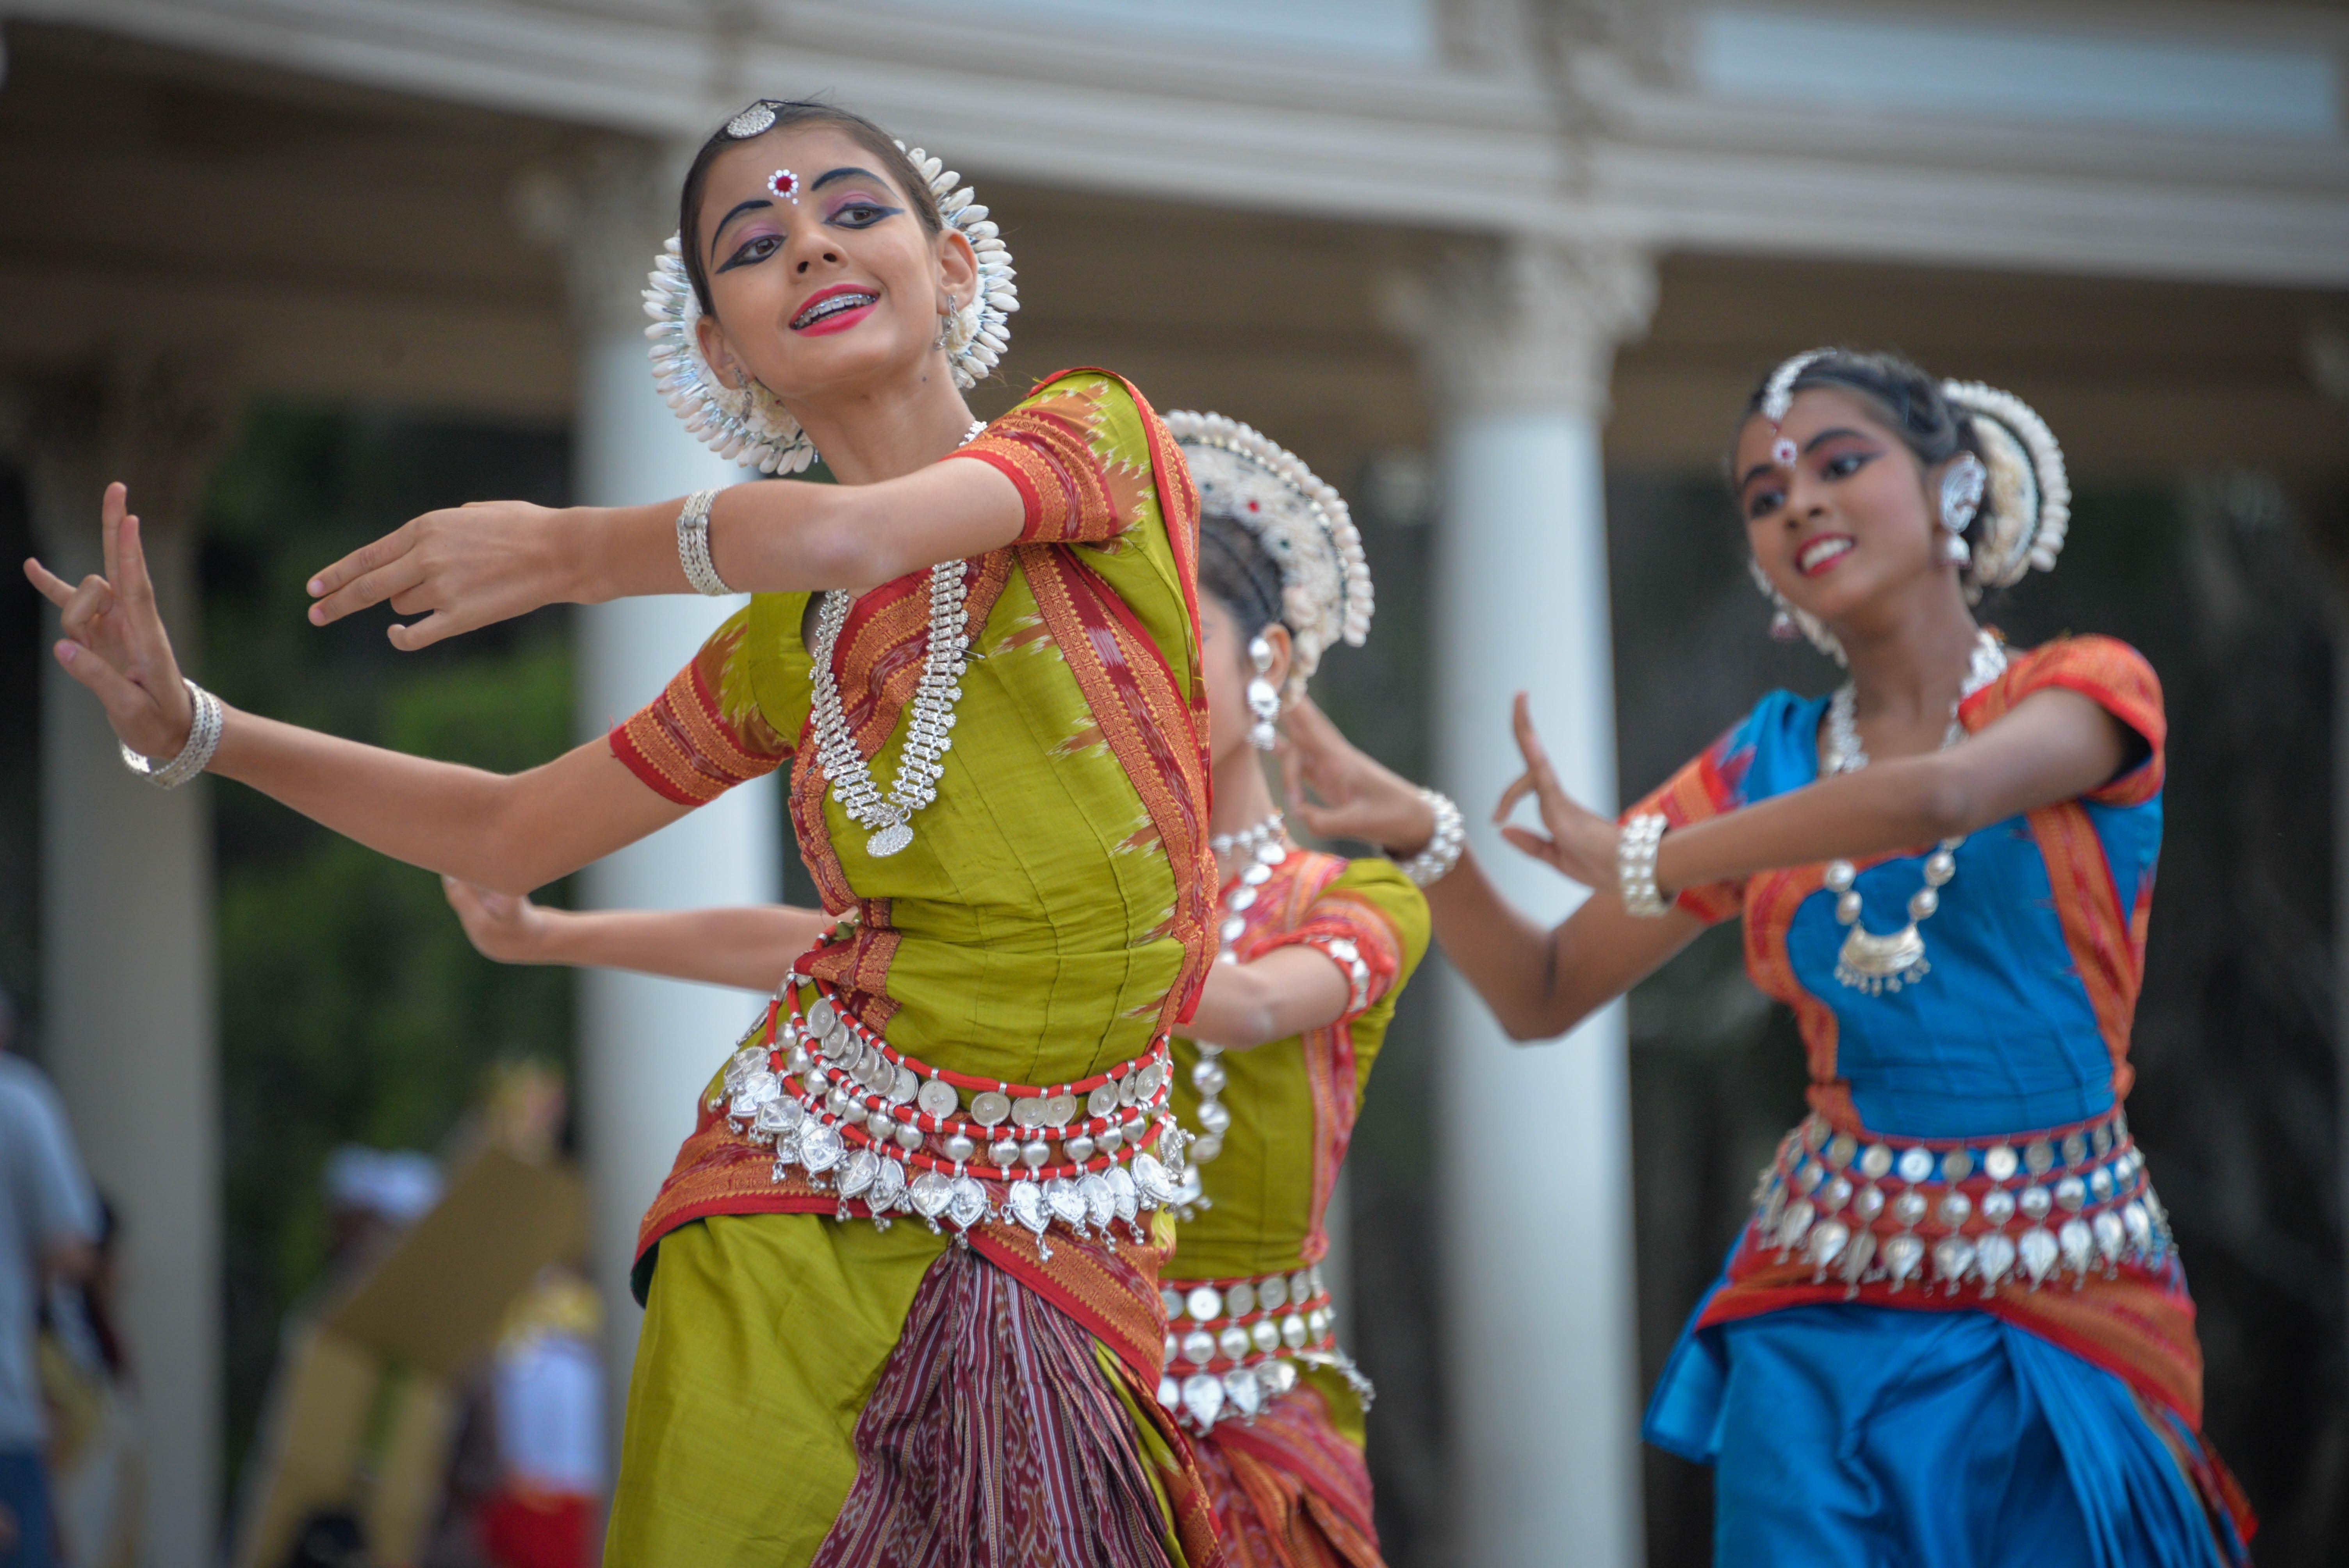 Tour du Nagaland et Assam, à l'occasion du festival d'HORNBILL